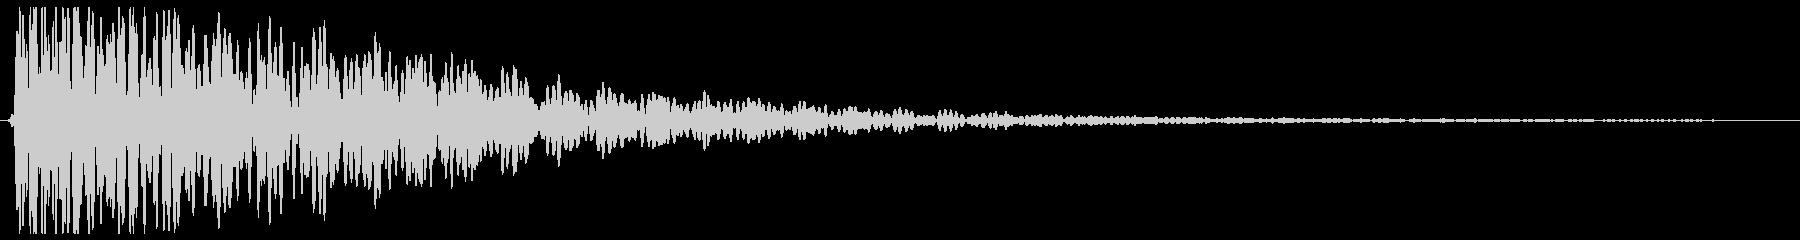 ゴーン(低く伸びる音)の未再生の波形